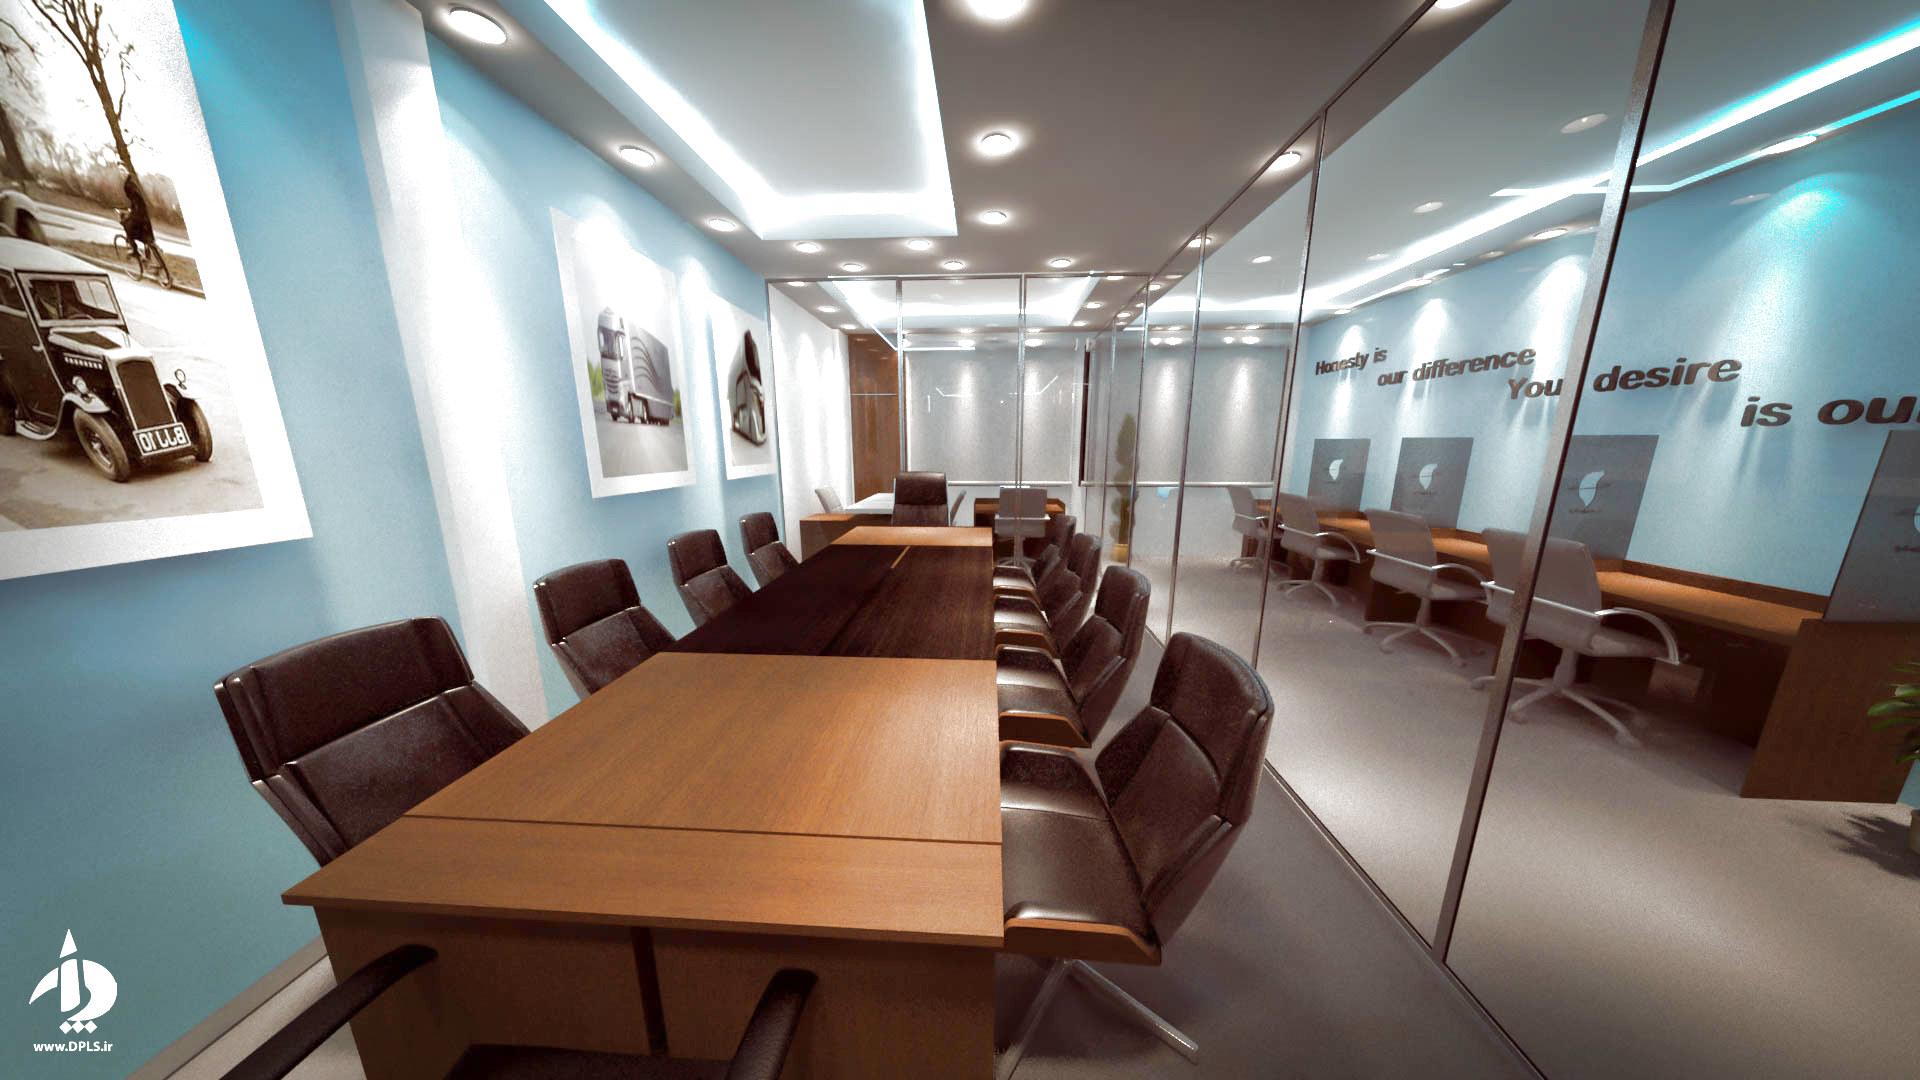 b2 - طراحی داخلی شرکت حمل و نقل سما مروارید آسیا